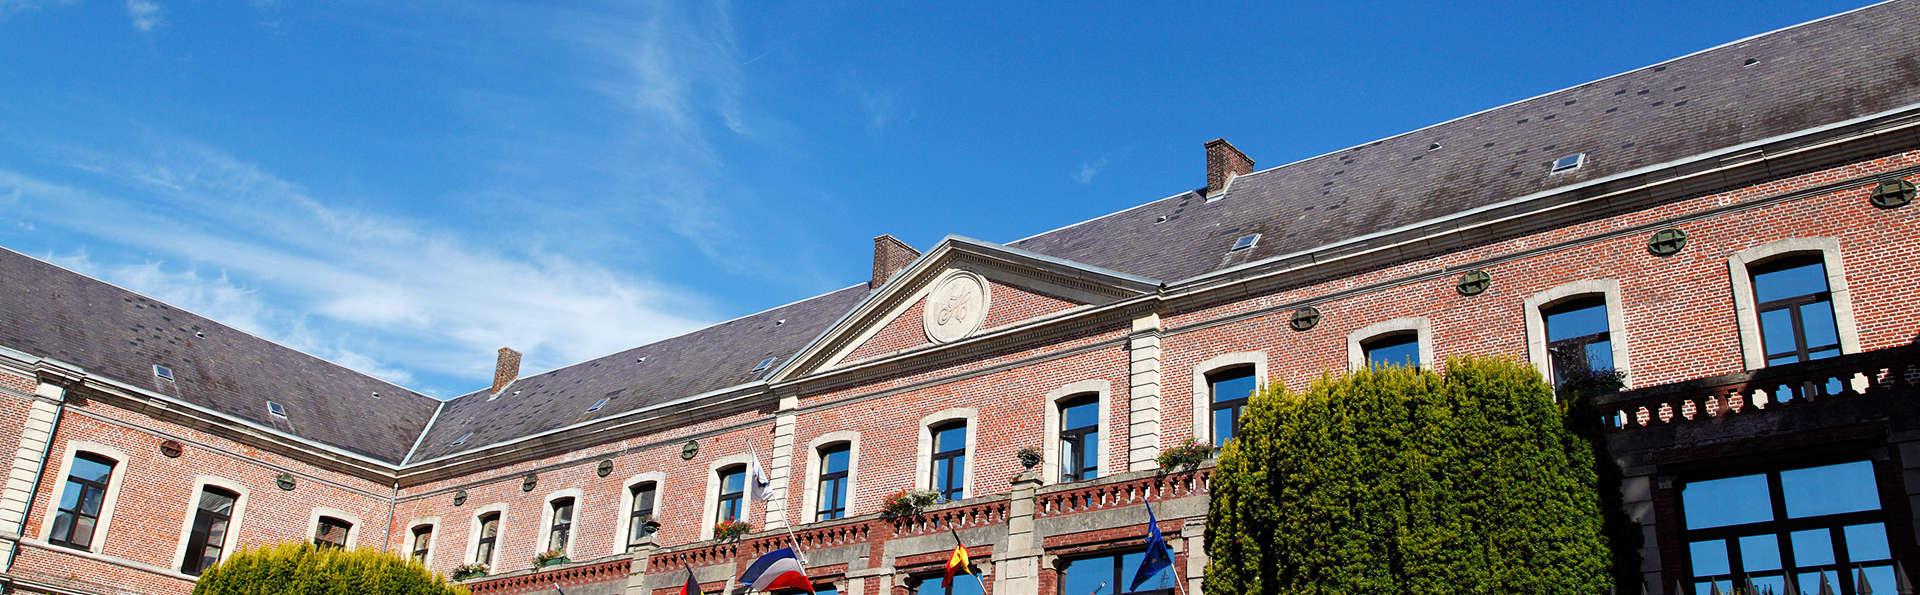 Best Western Hôtel Hermitage - EDIT_front.jpg